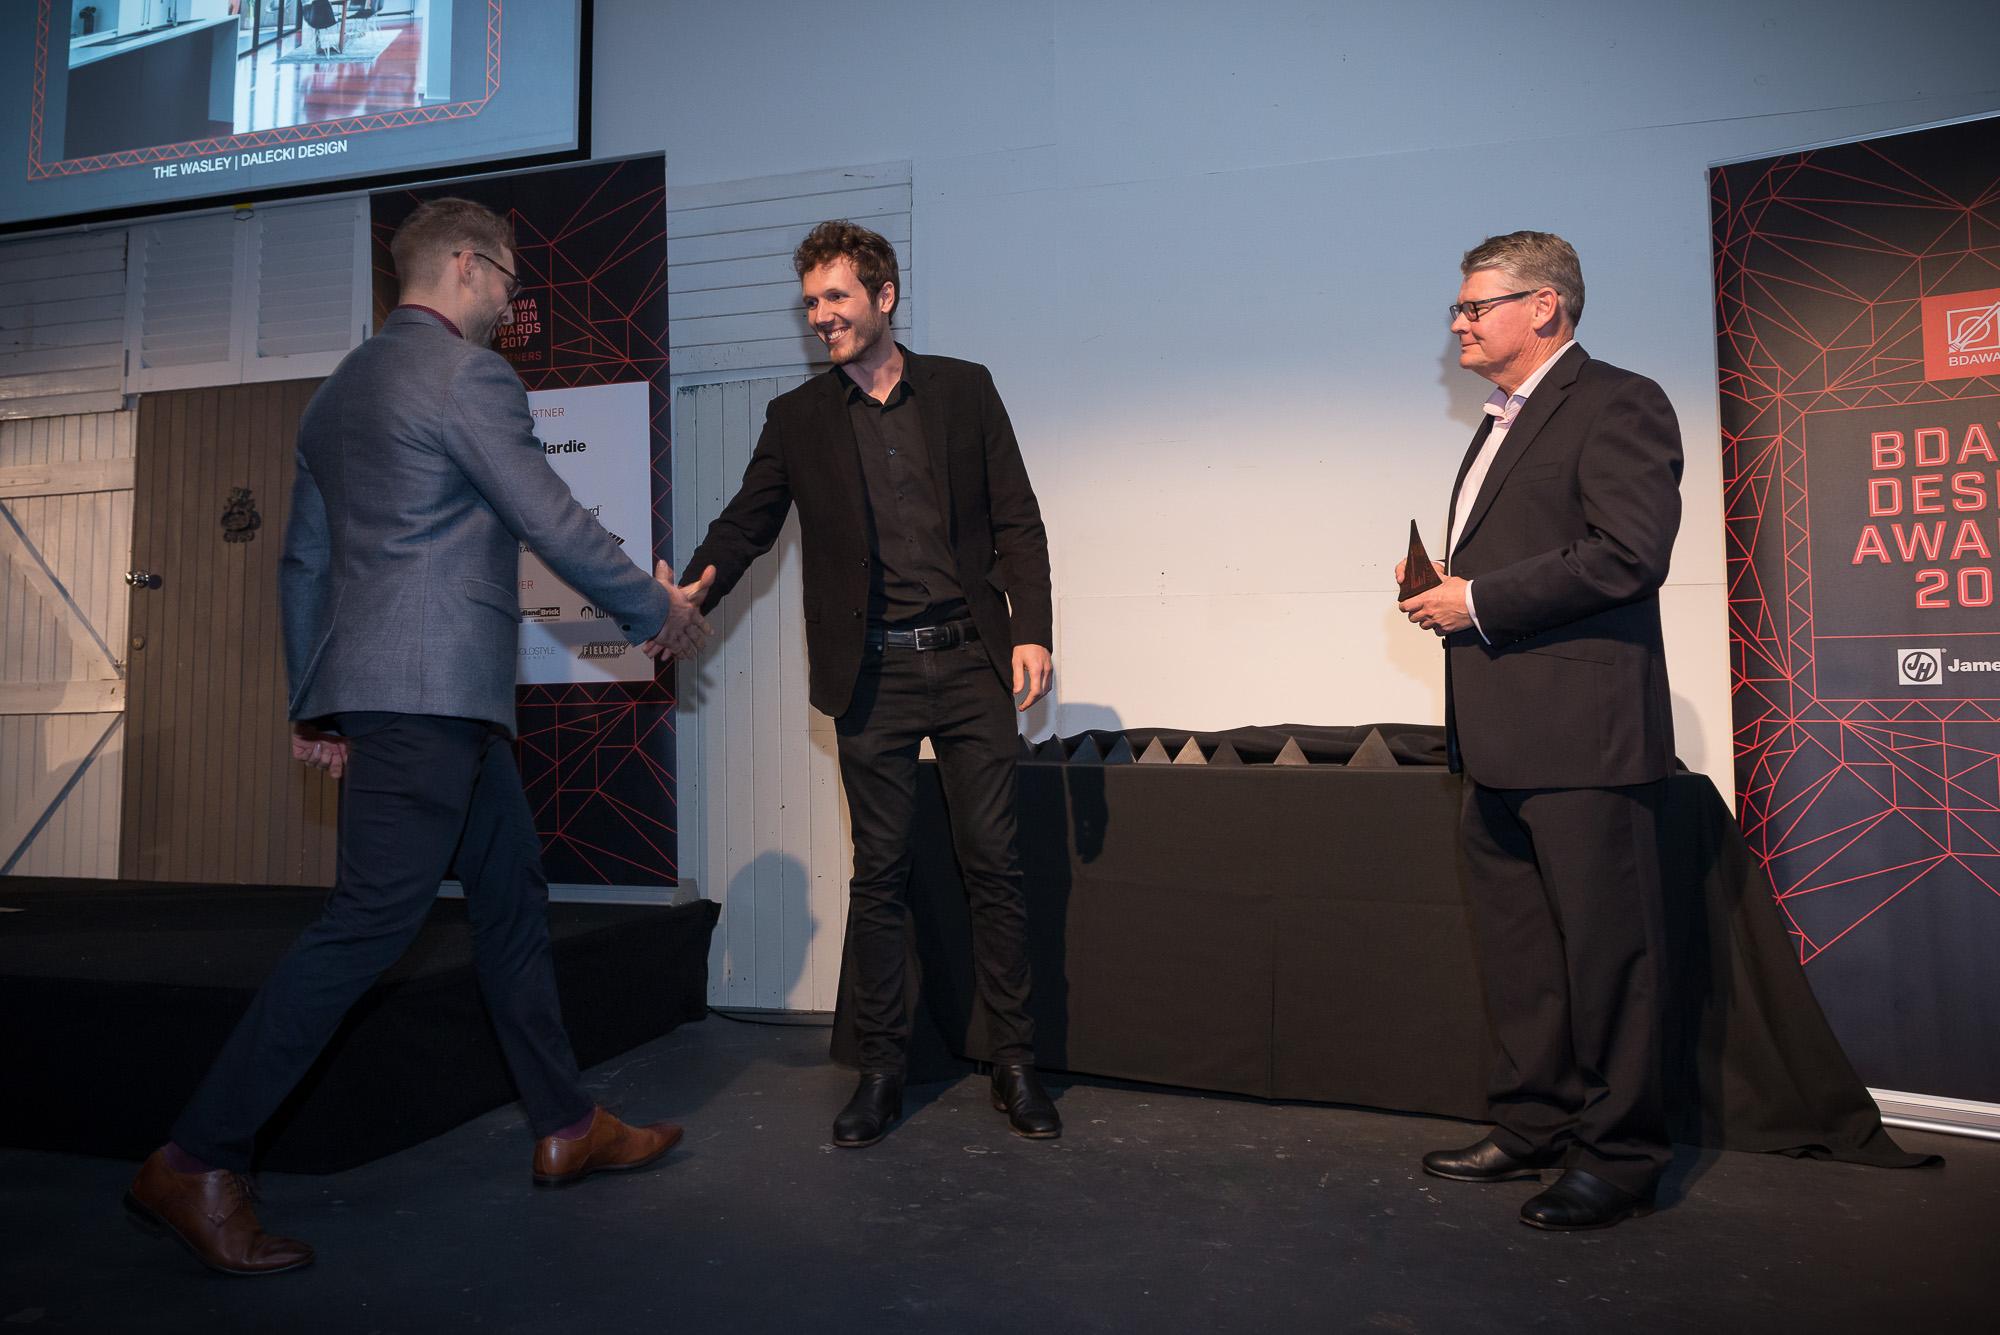 0171 BDA WA Awards 2017 _JHG7442.jpg